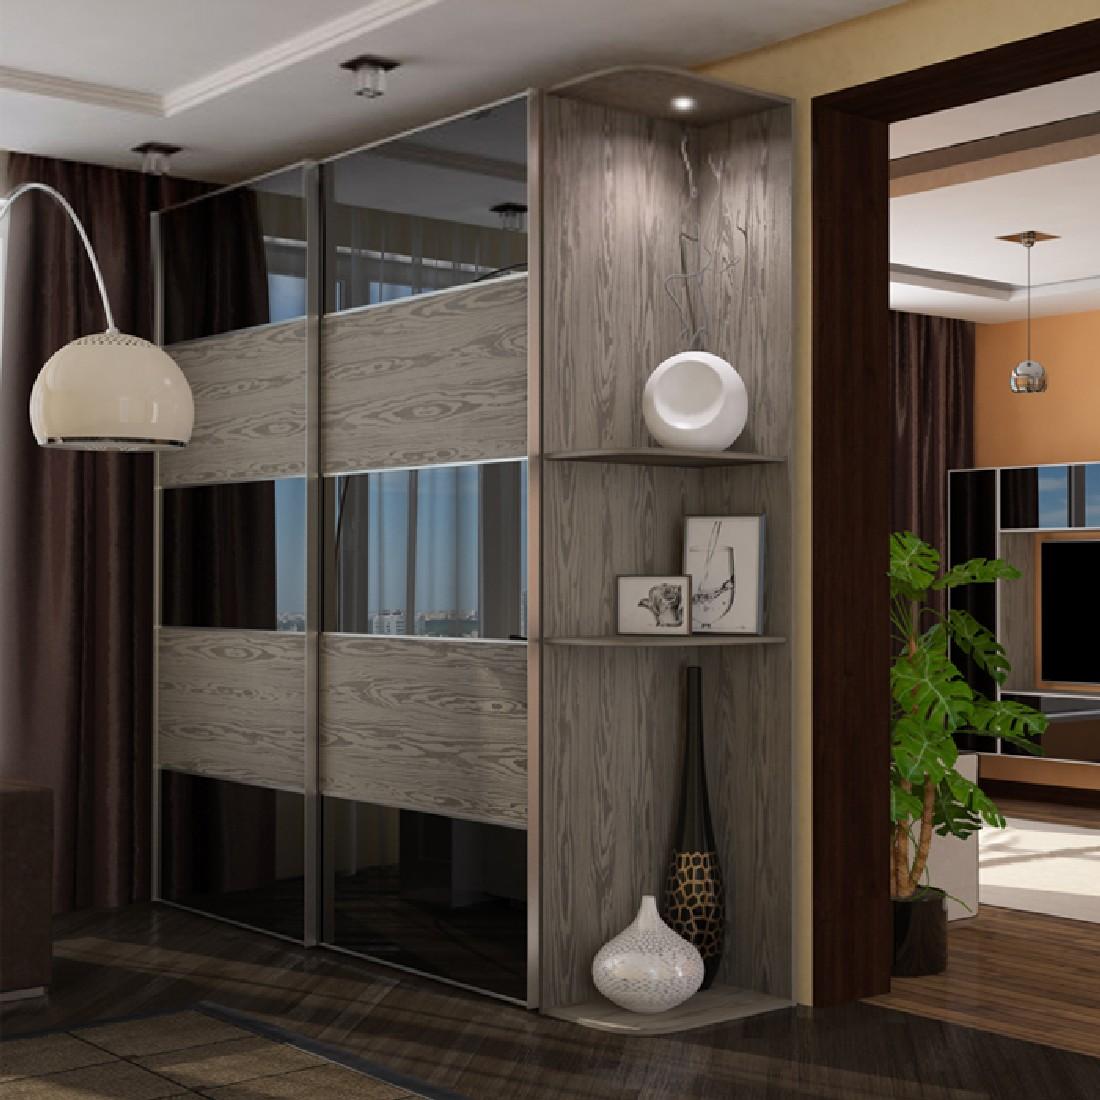 прямоугольный шкаф-купе в гостиной